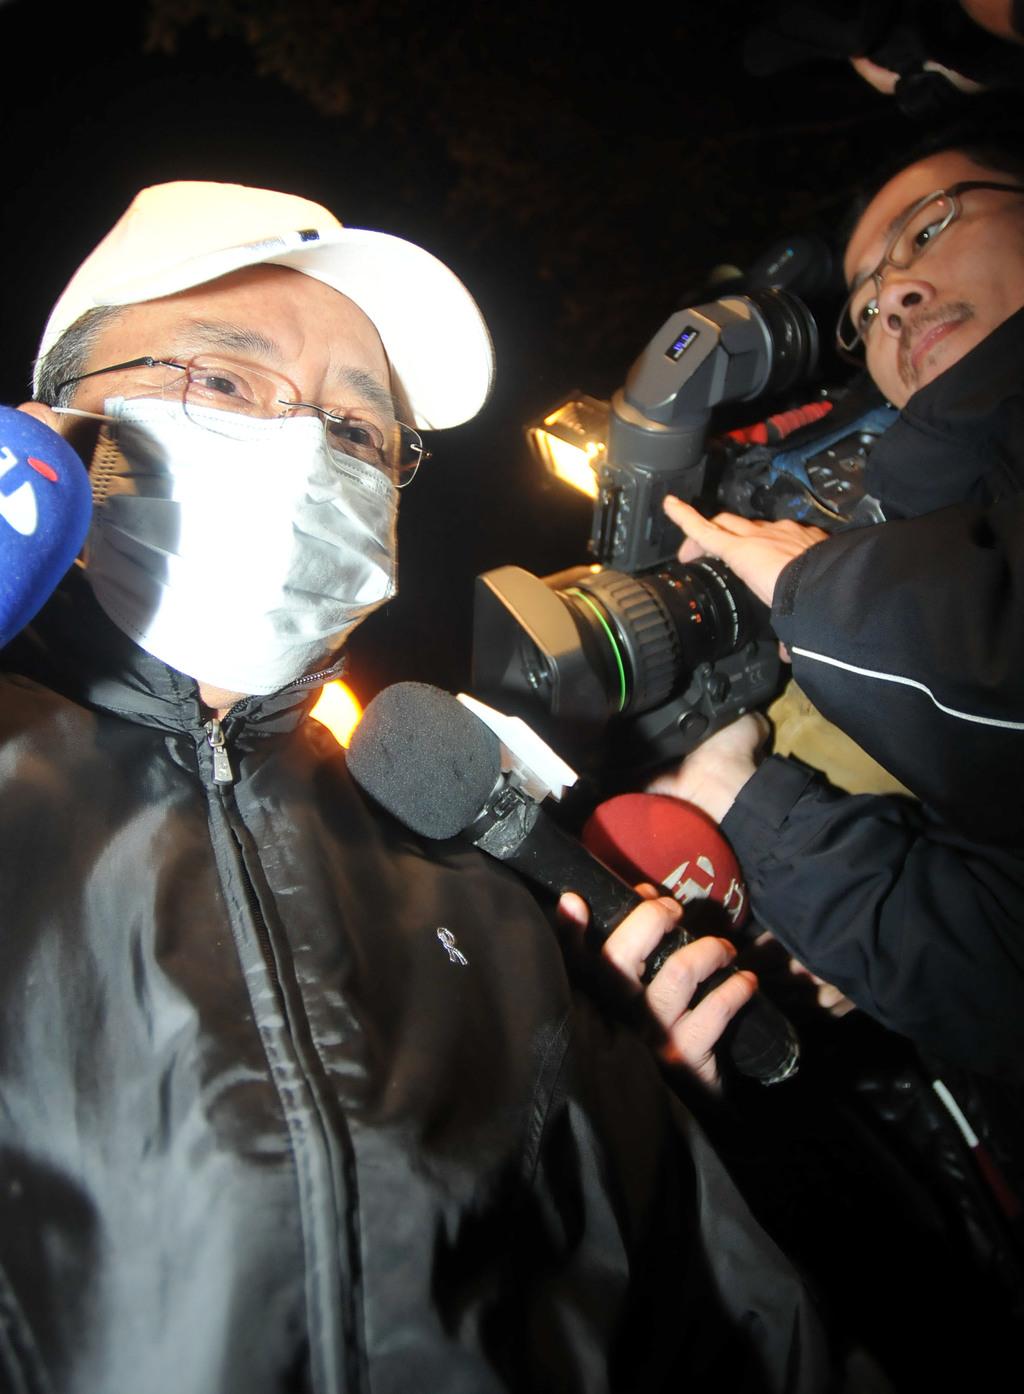 據日本媒體引述警方報導,涉及2名台灣女生遇害案凶嫌張志揚自刎身亡。張志揚的父親(左)9日晚間在台北得知消息後強忍悲痛面對媒體,表示10日將...